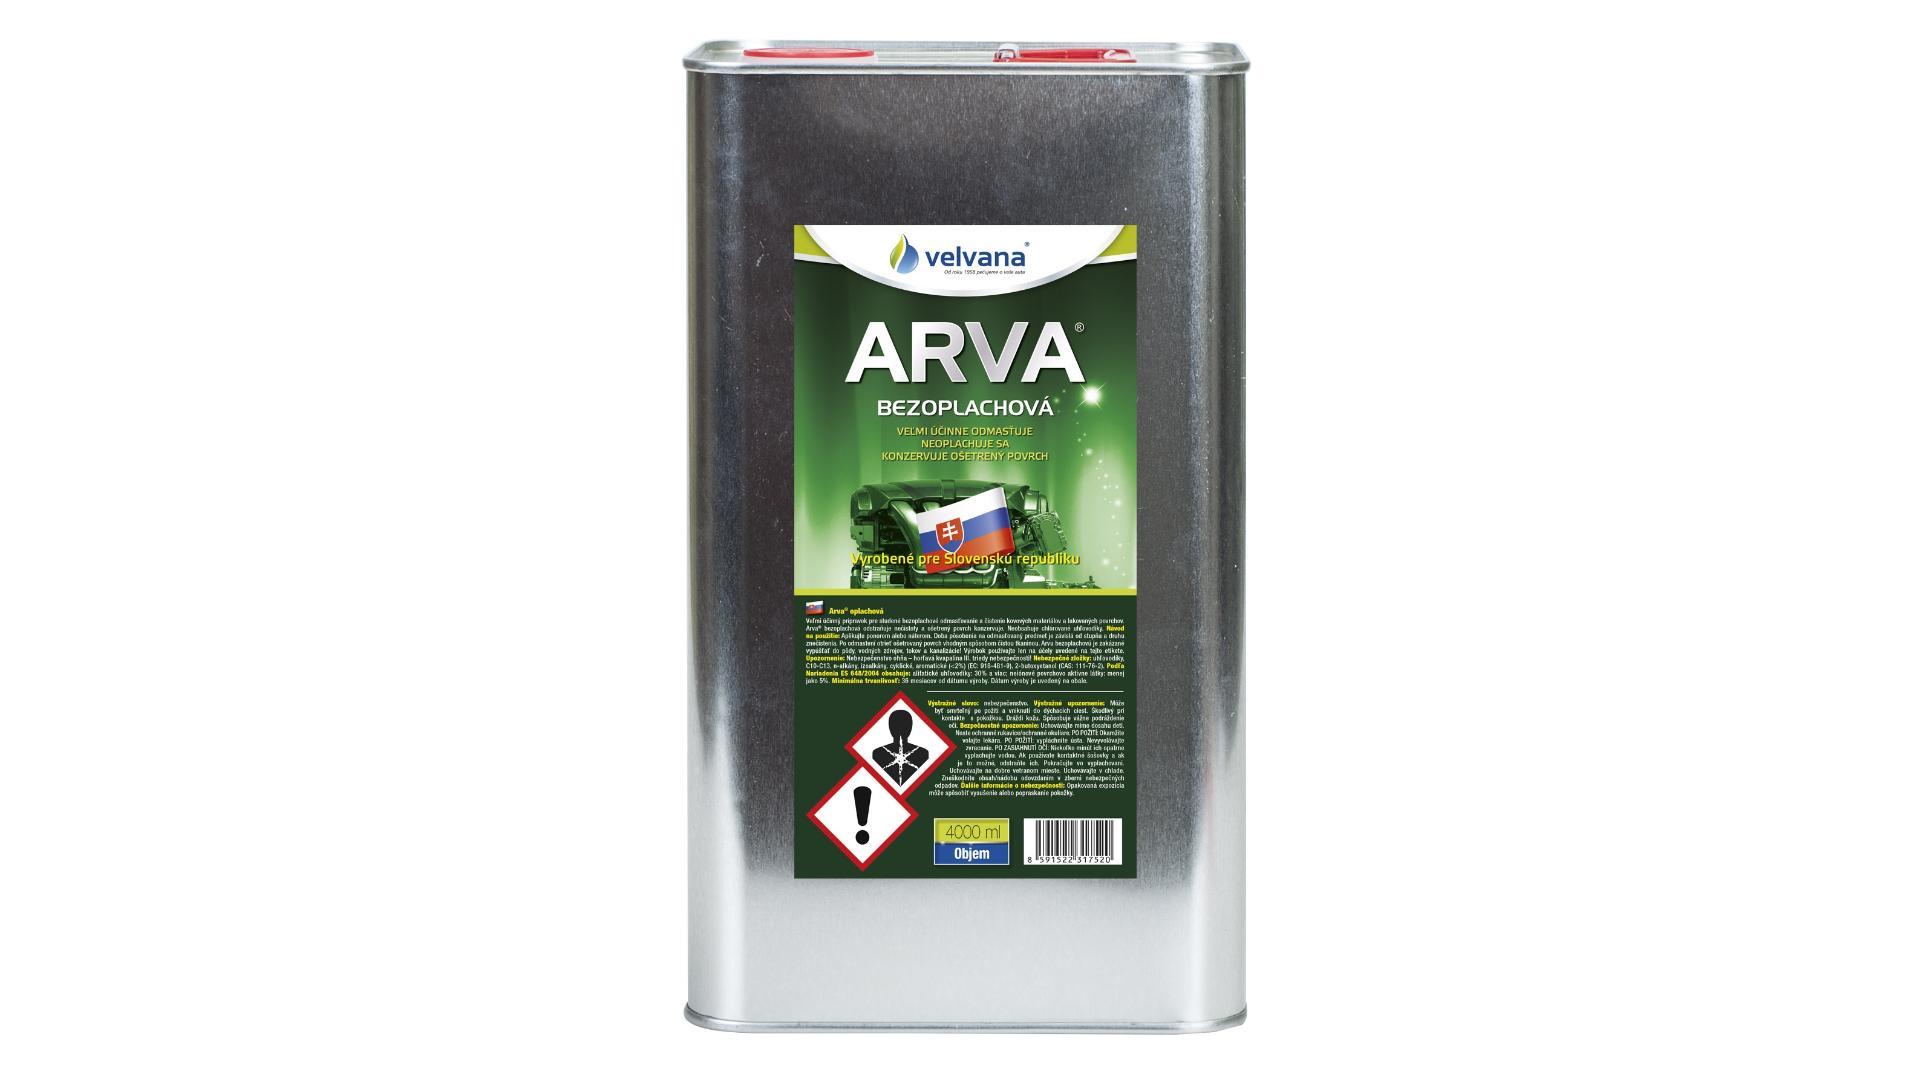 ARVA bezoplachová - plech - 4l